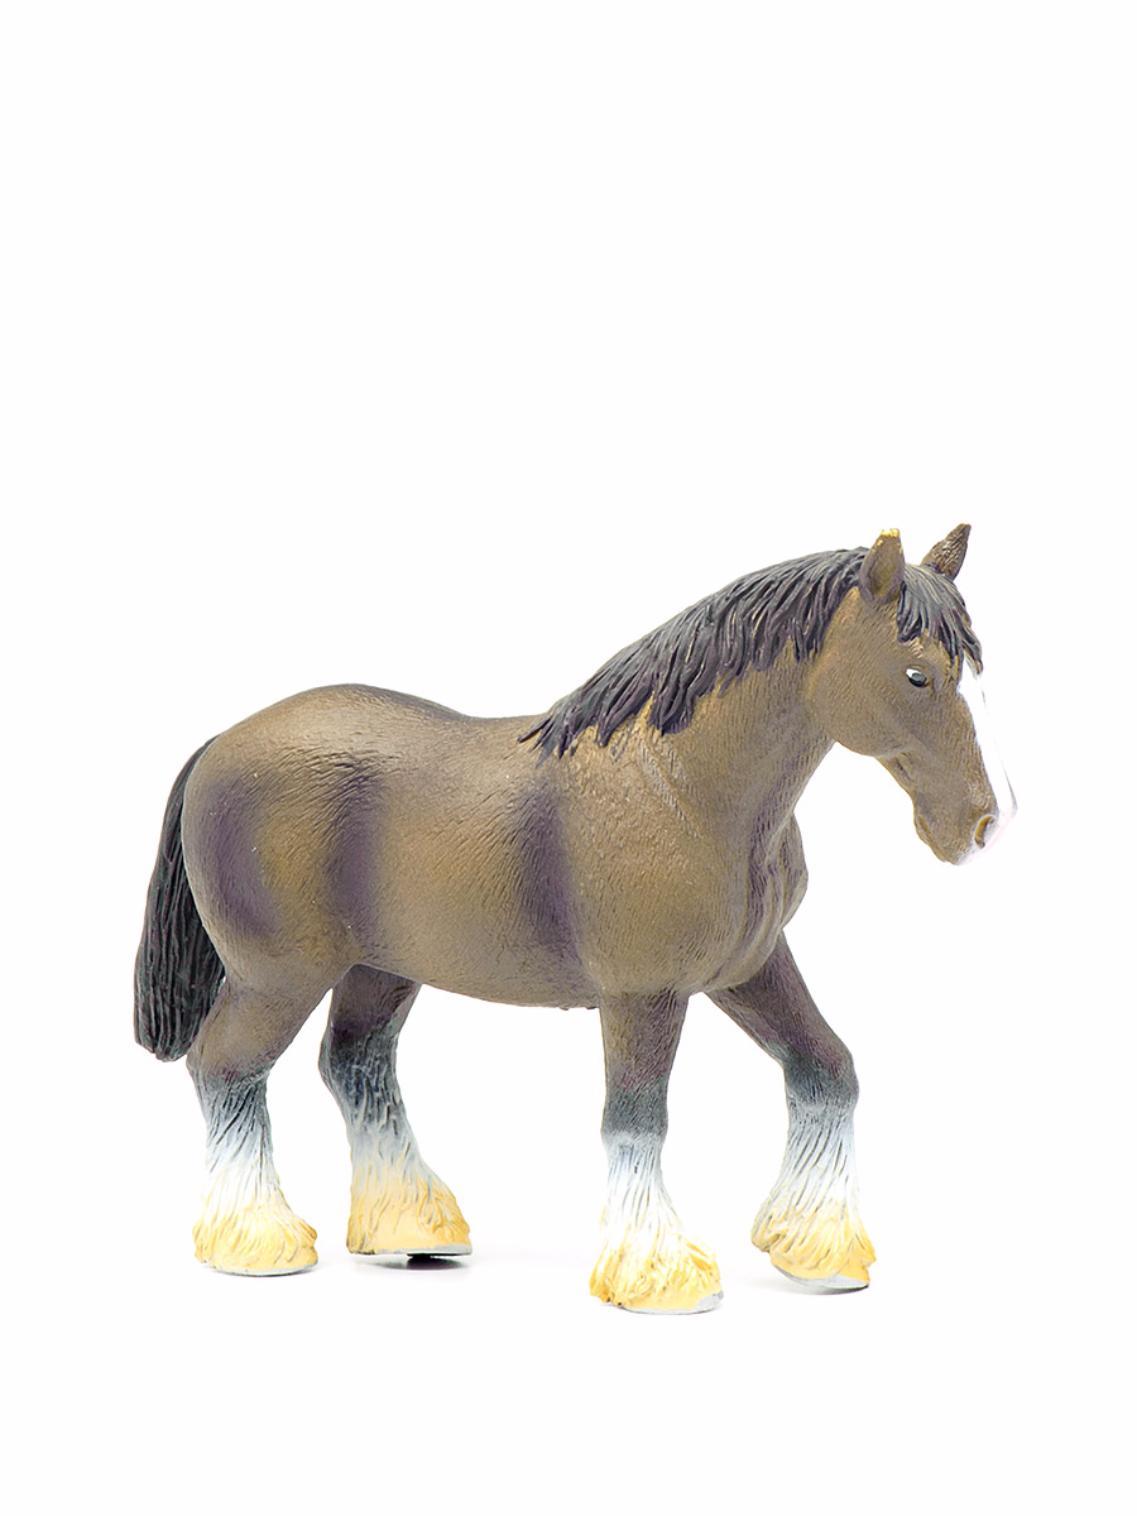 Лошадь мощной породы, темно-коричневая, 15 смНа ферме (Farm life)<br>Лошадь мощной породы, темно-коричневая, 15 см<br>